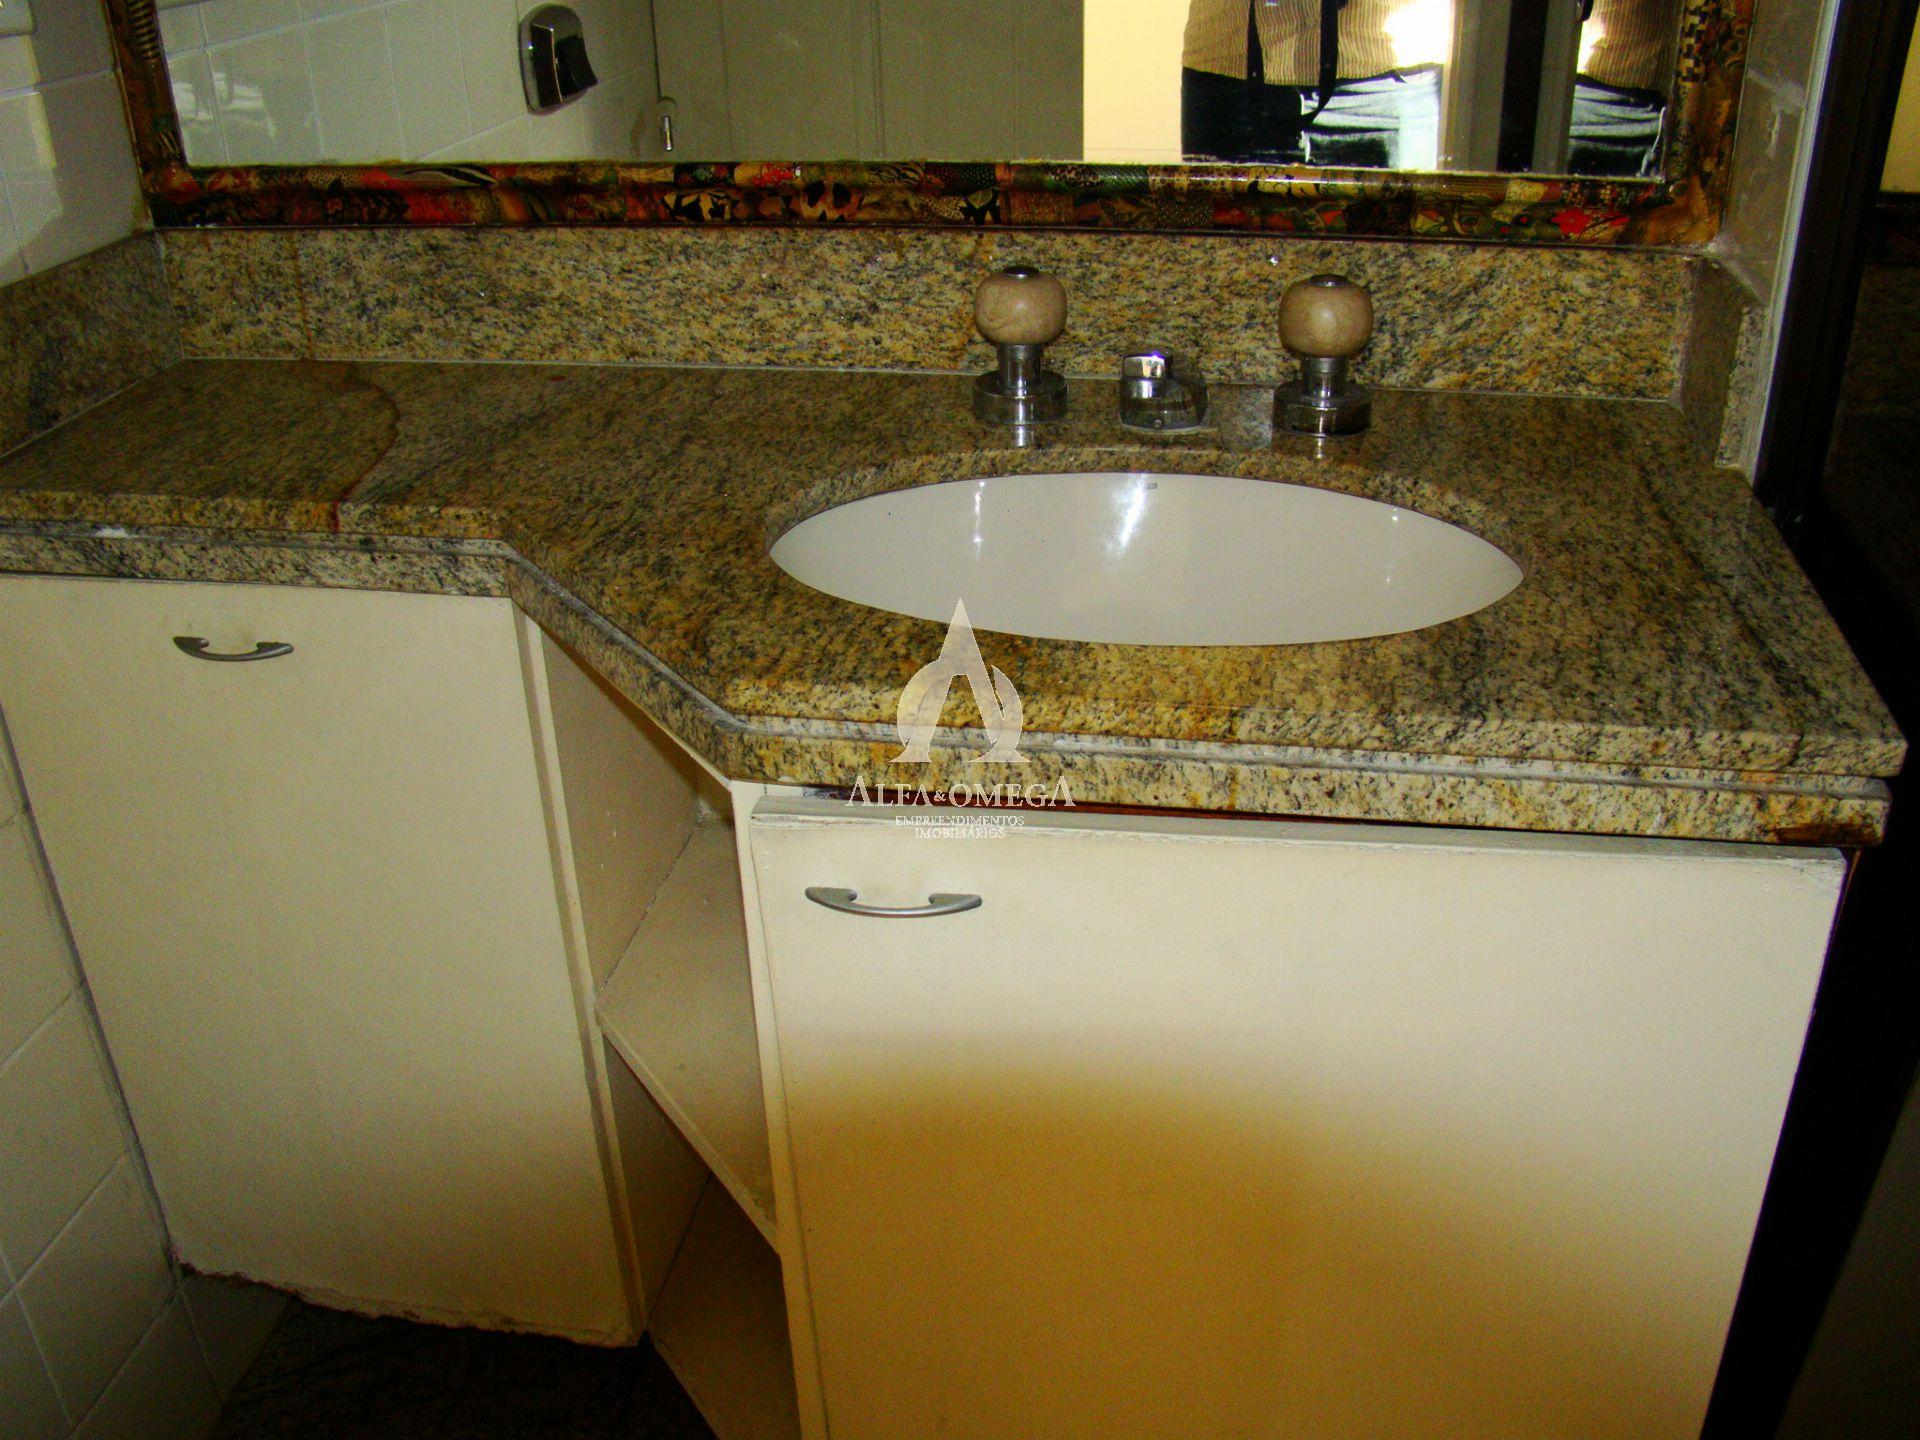 FOTO 21 - Apartamento 2 quartos à venda Barra da Tijuca, Rio de Janeiro - R$ 650.000 - AO20411 - 23